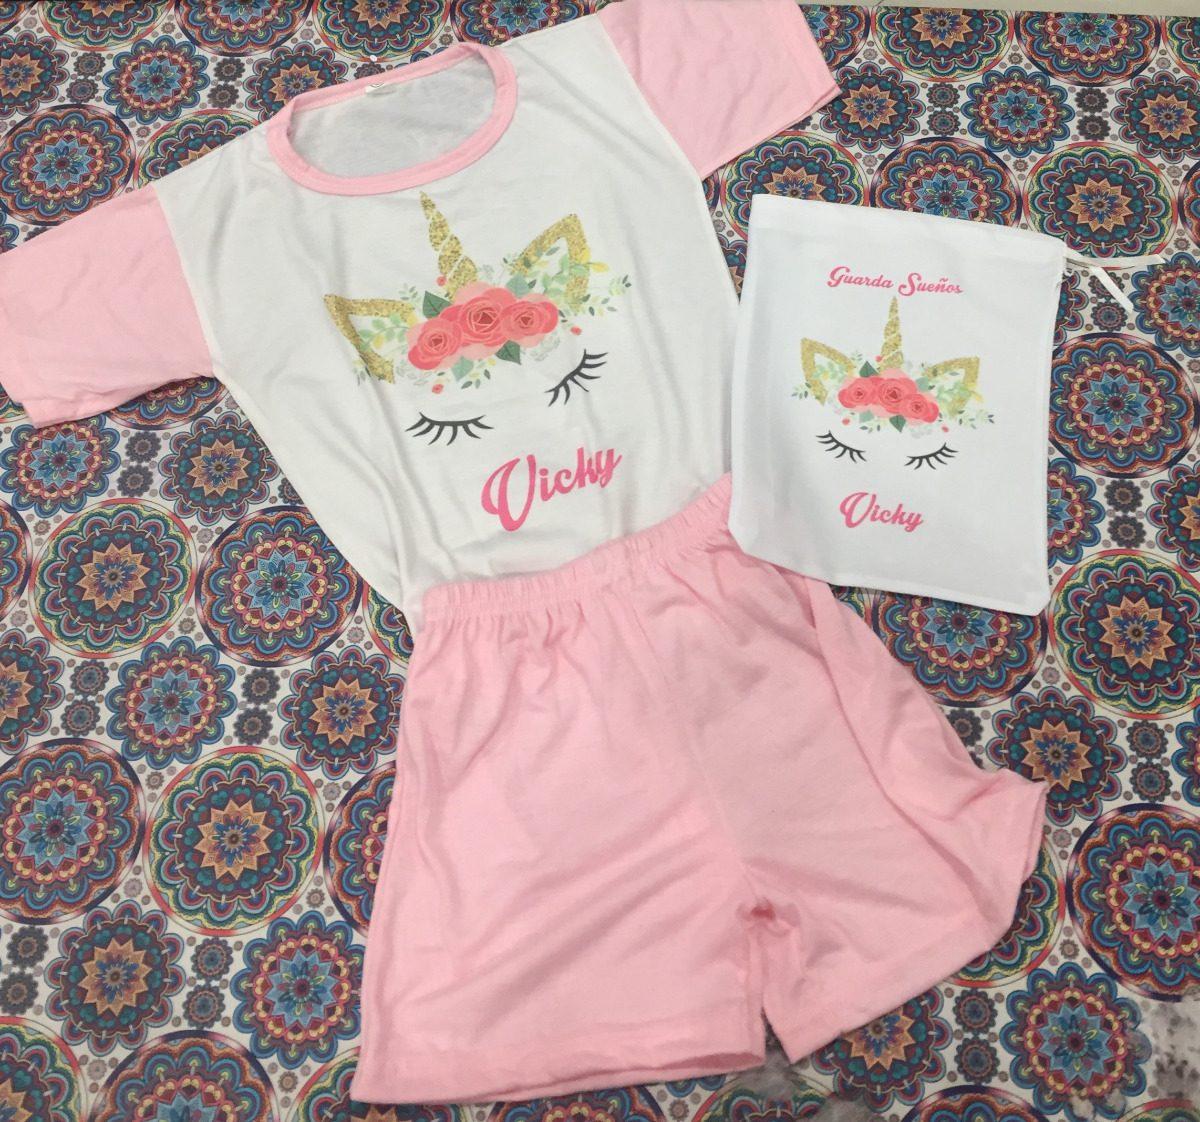 2ce3b60f8 pijamas personalizados personajes niños niñas. Cargando zoom.